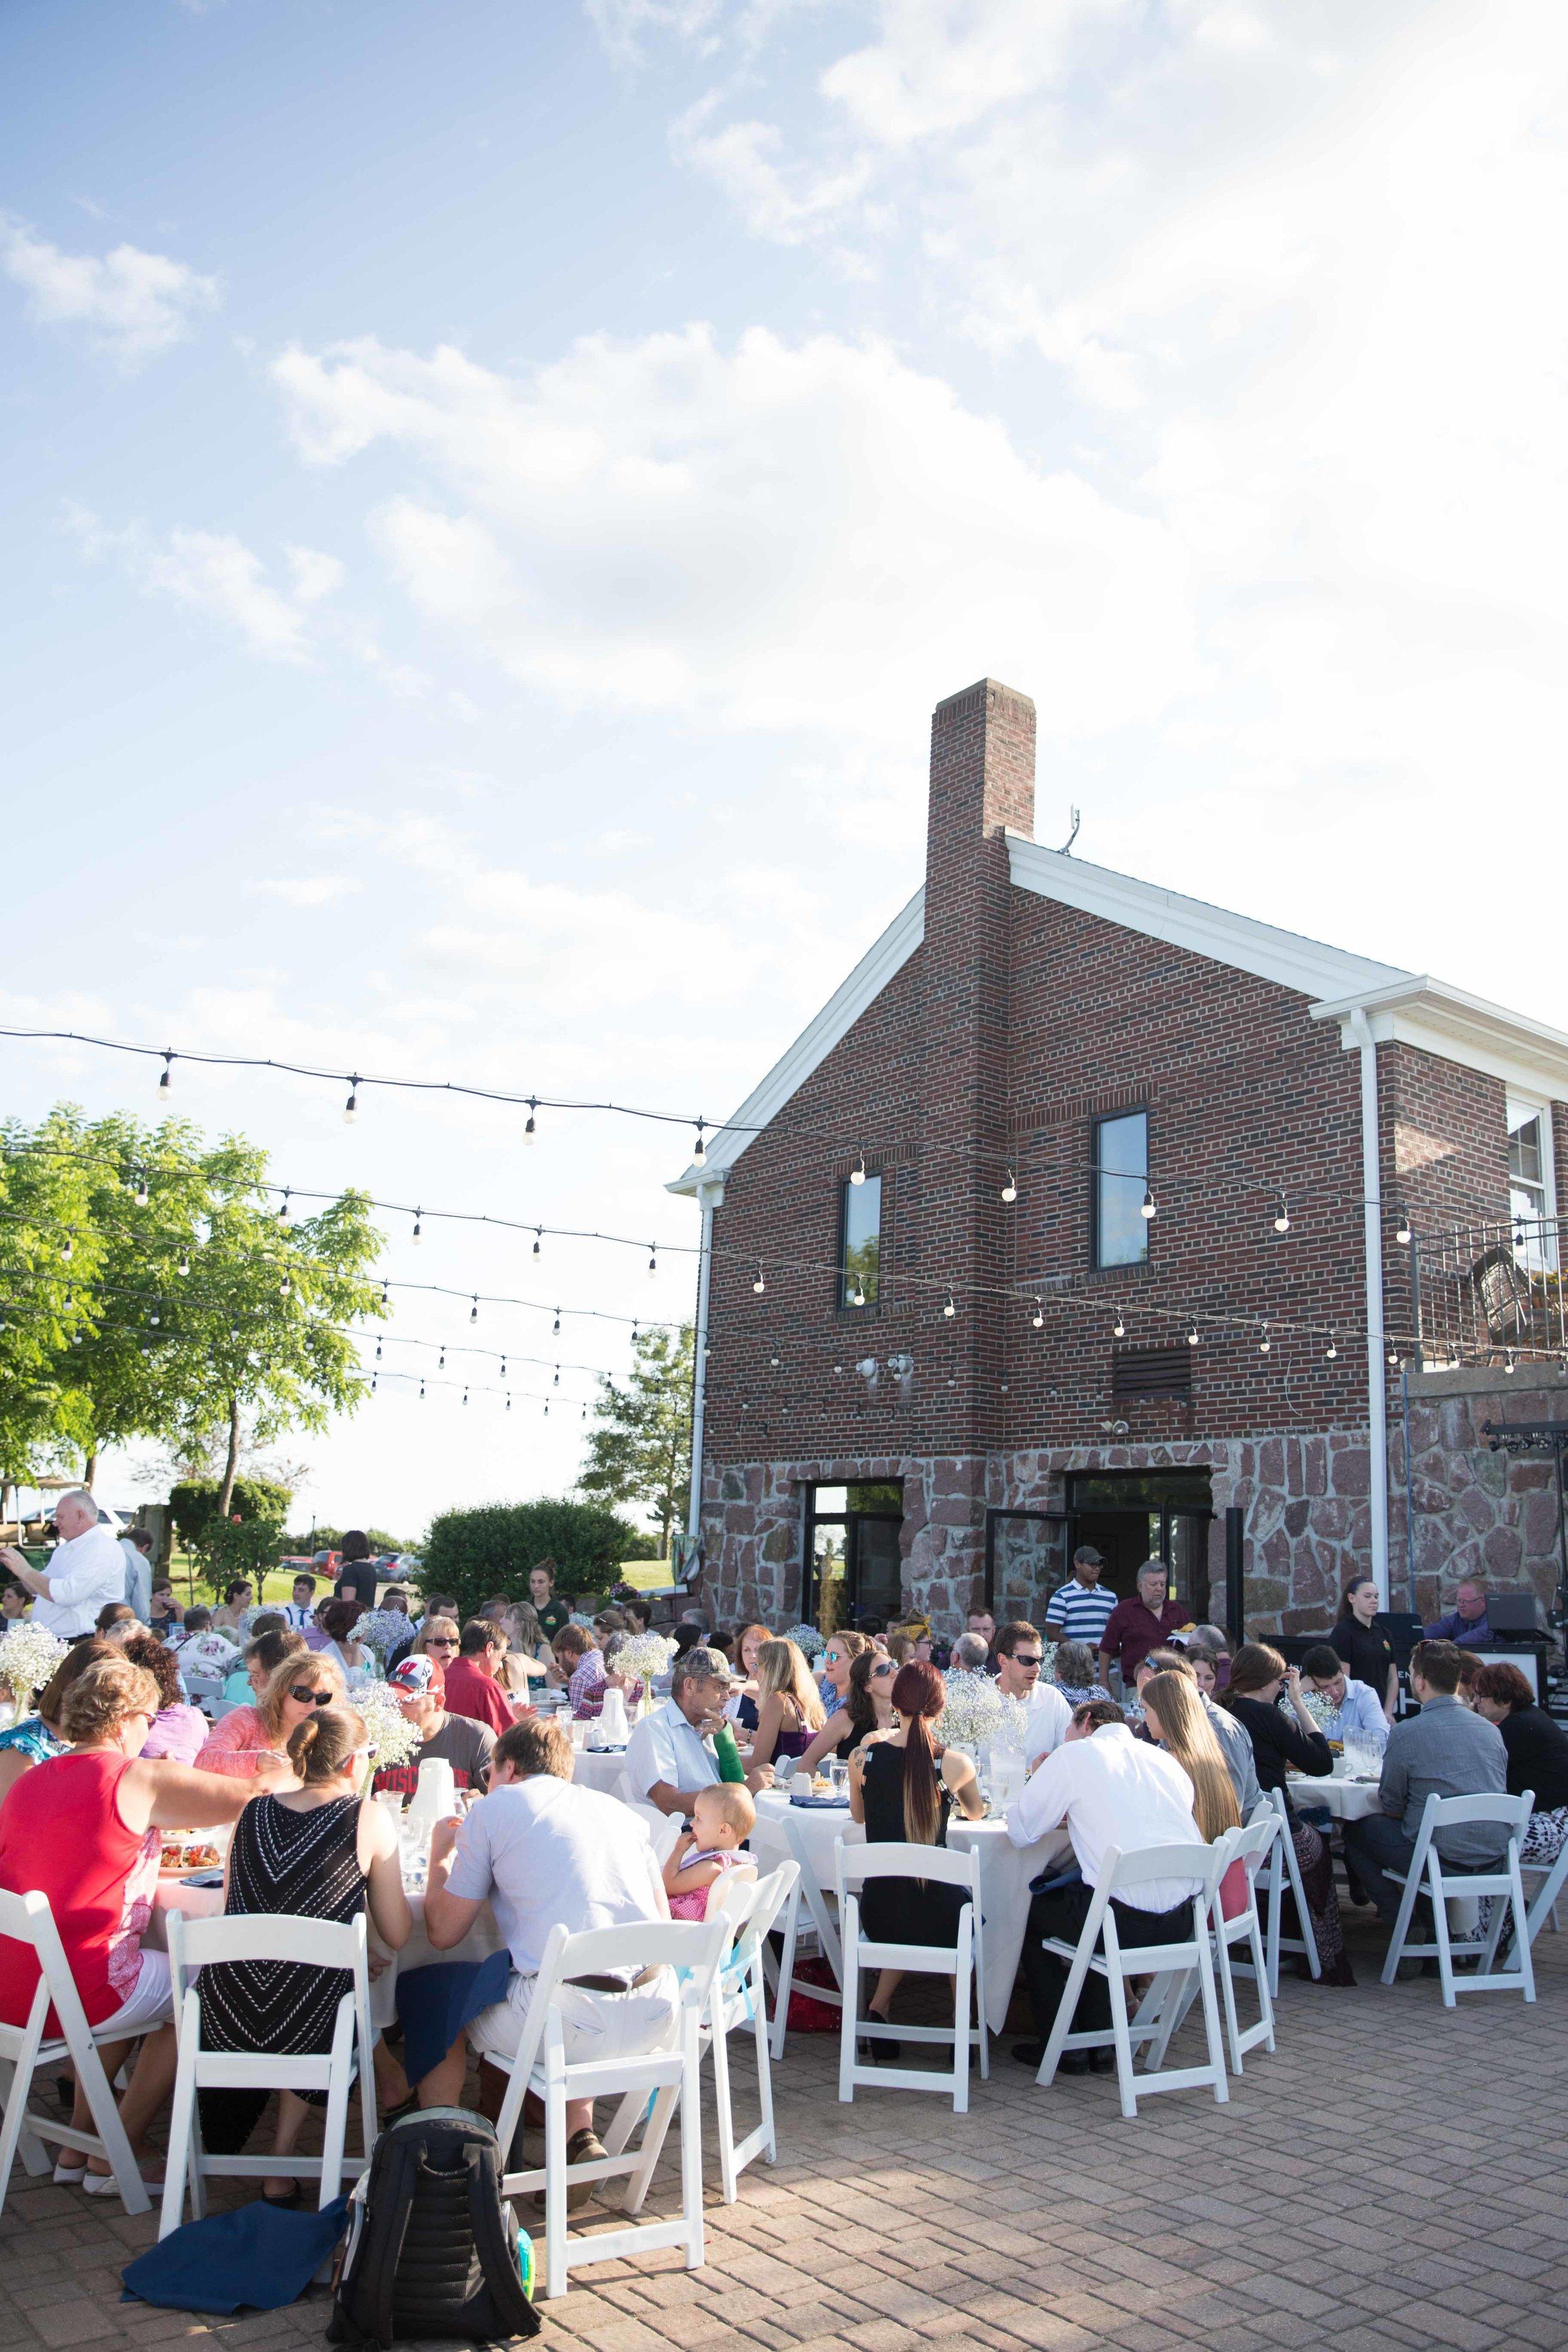 Willow Springs Garden - Wausau Outdoor Wedding Venue - Whit Meza Photography